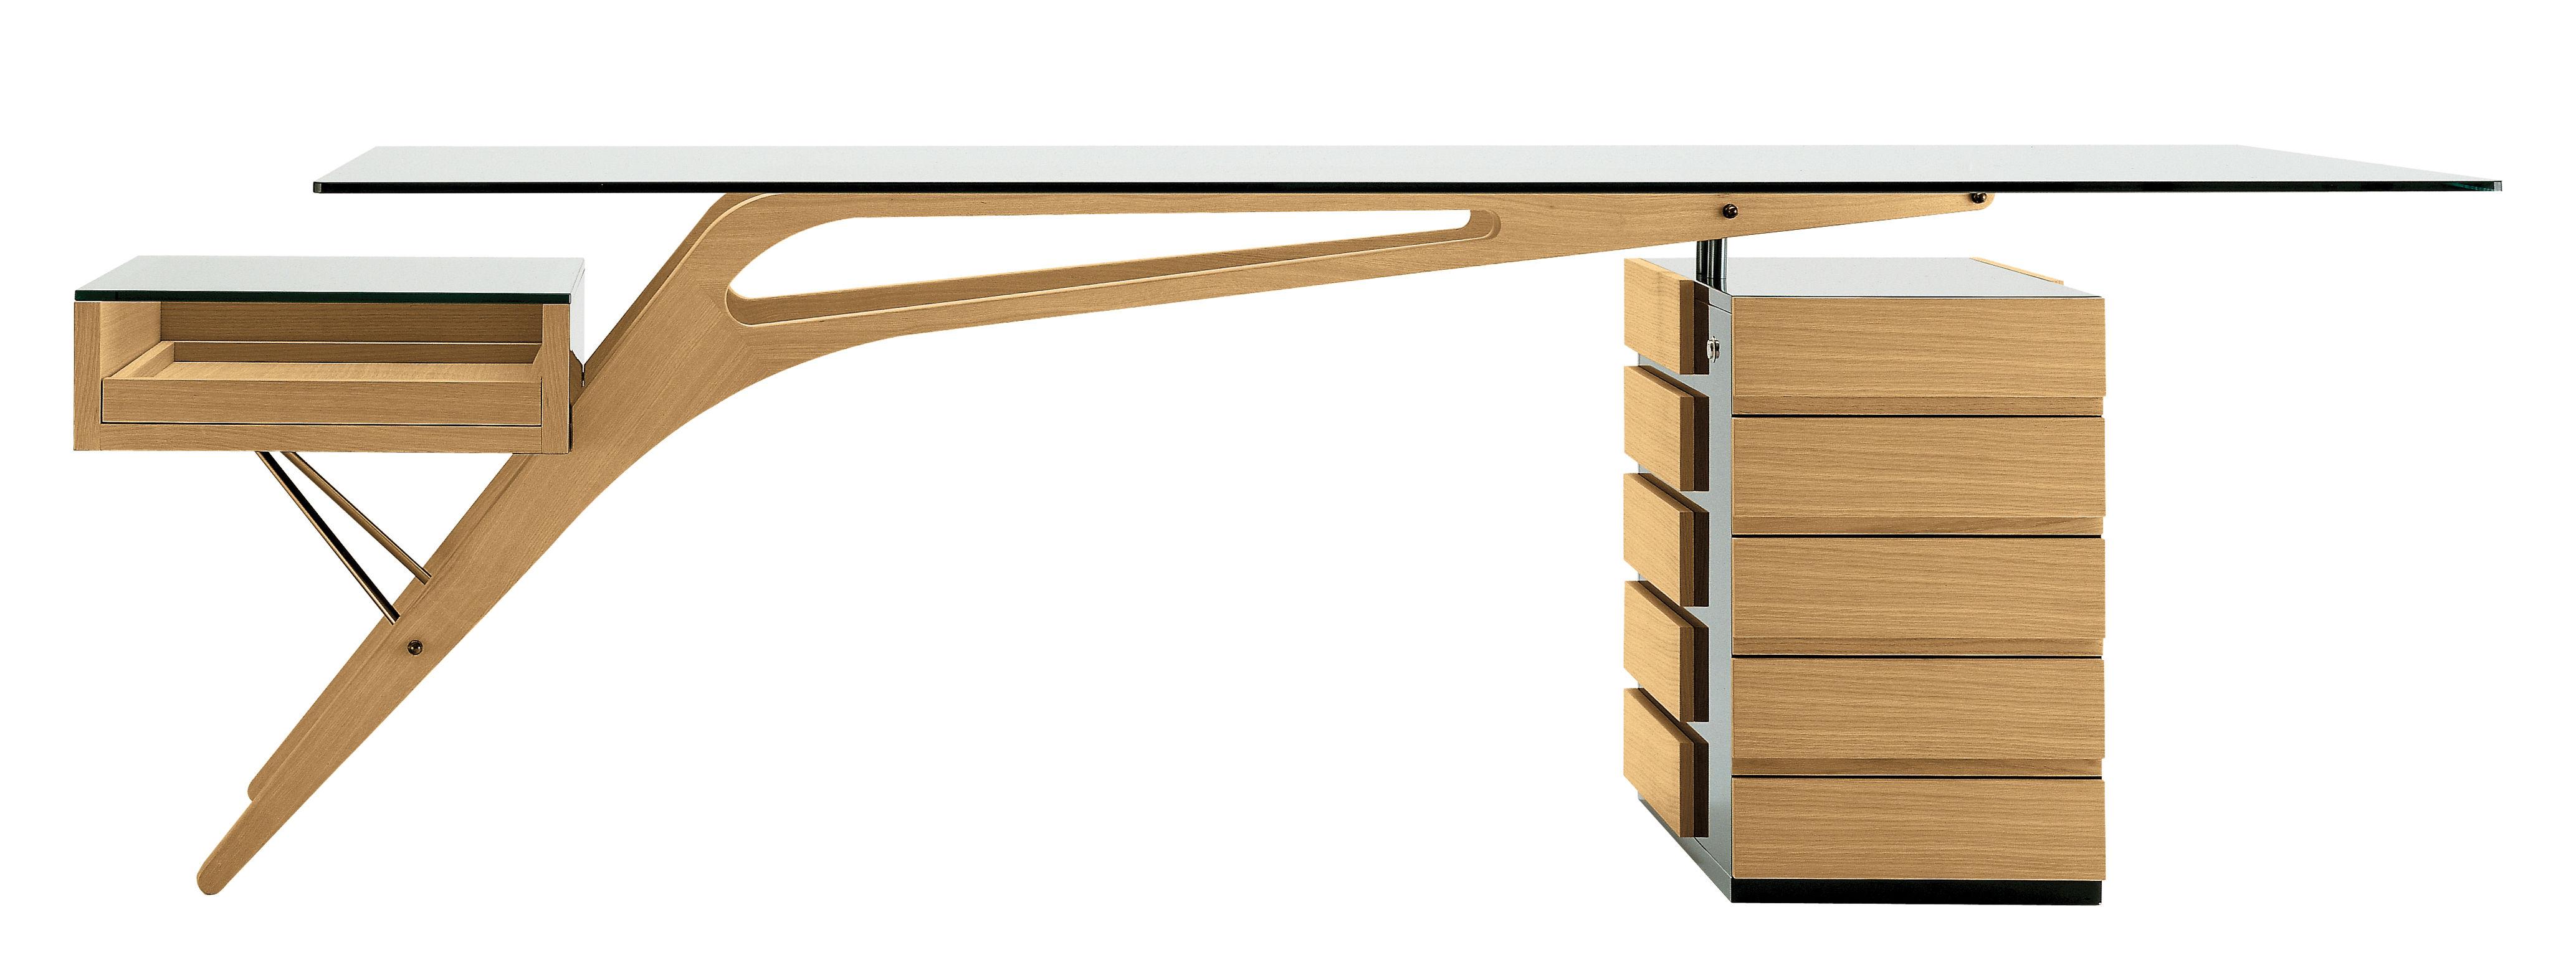 Arredamento - Mobili da ufficio - Scrivania Cavour - / Legno & Vetro - 247 x 90 cm di Zanotta - Rovere naturale / nero - Rovere, Vetro